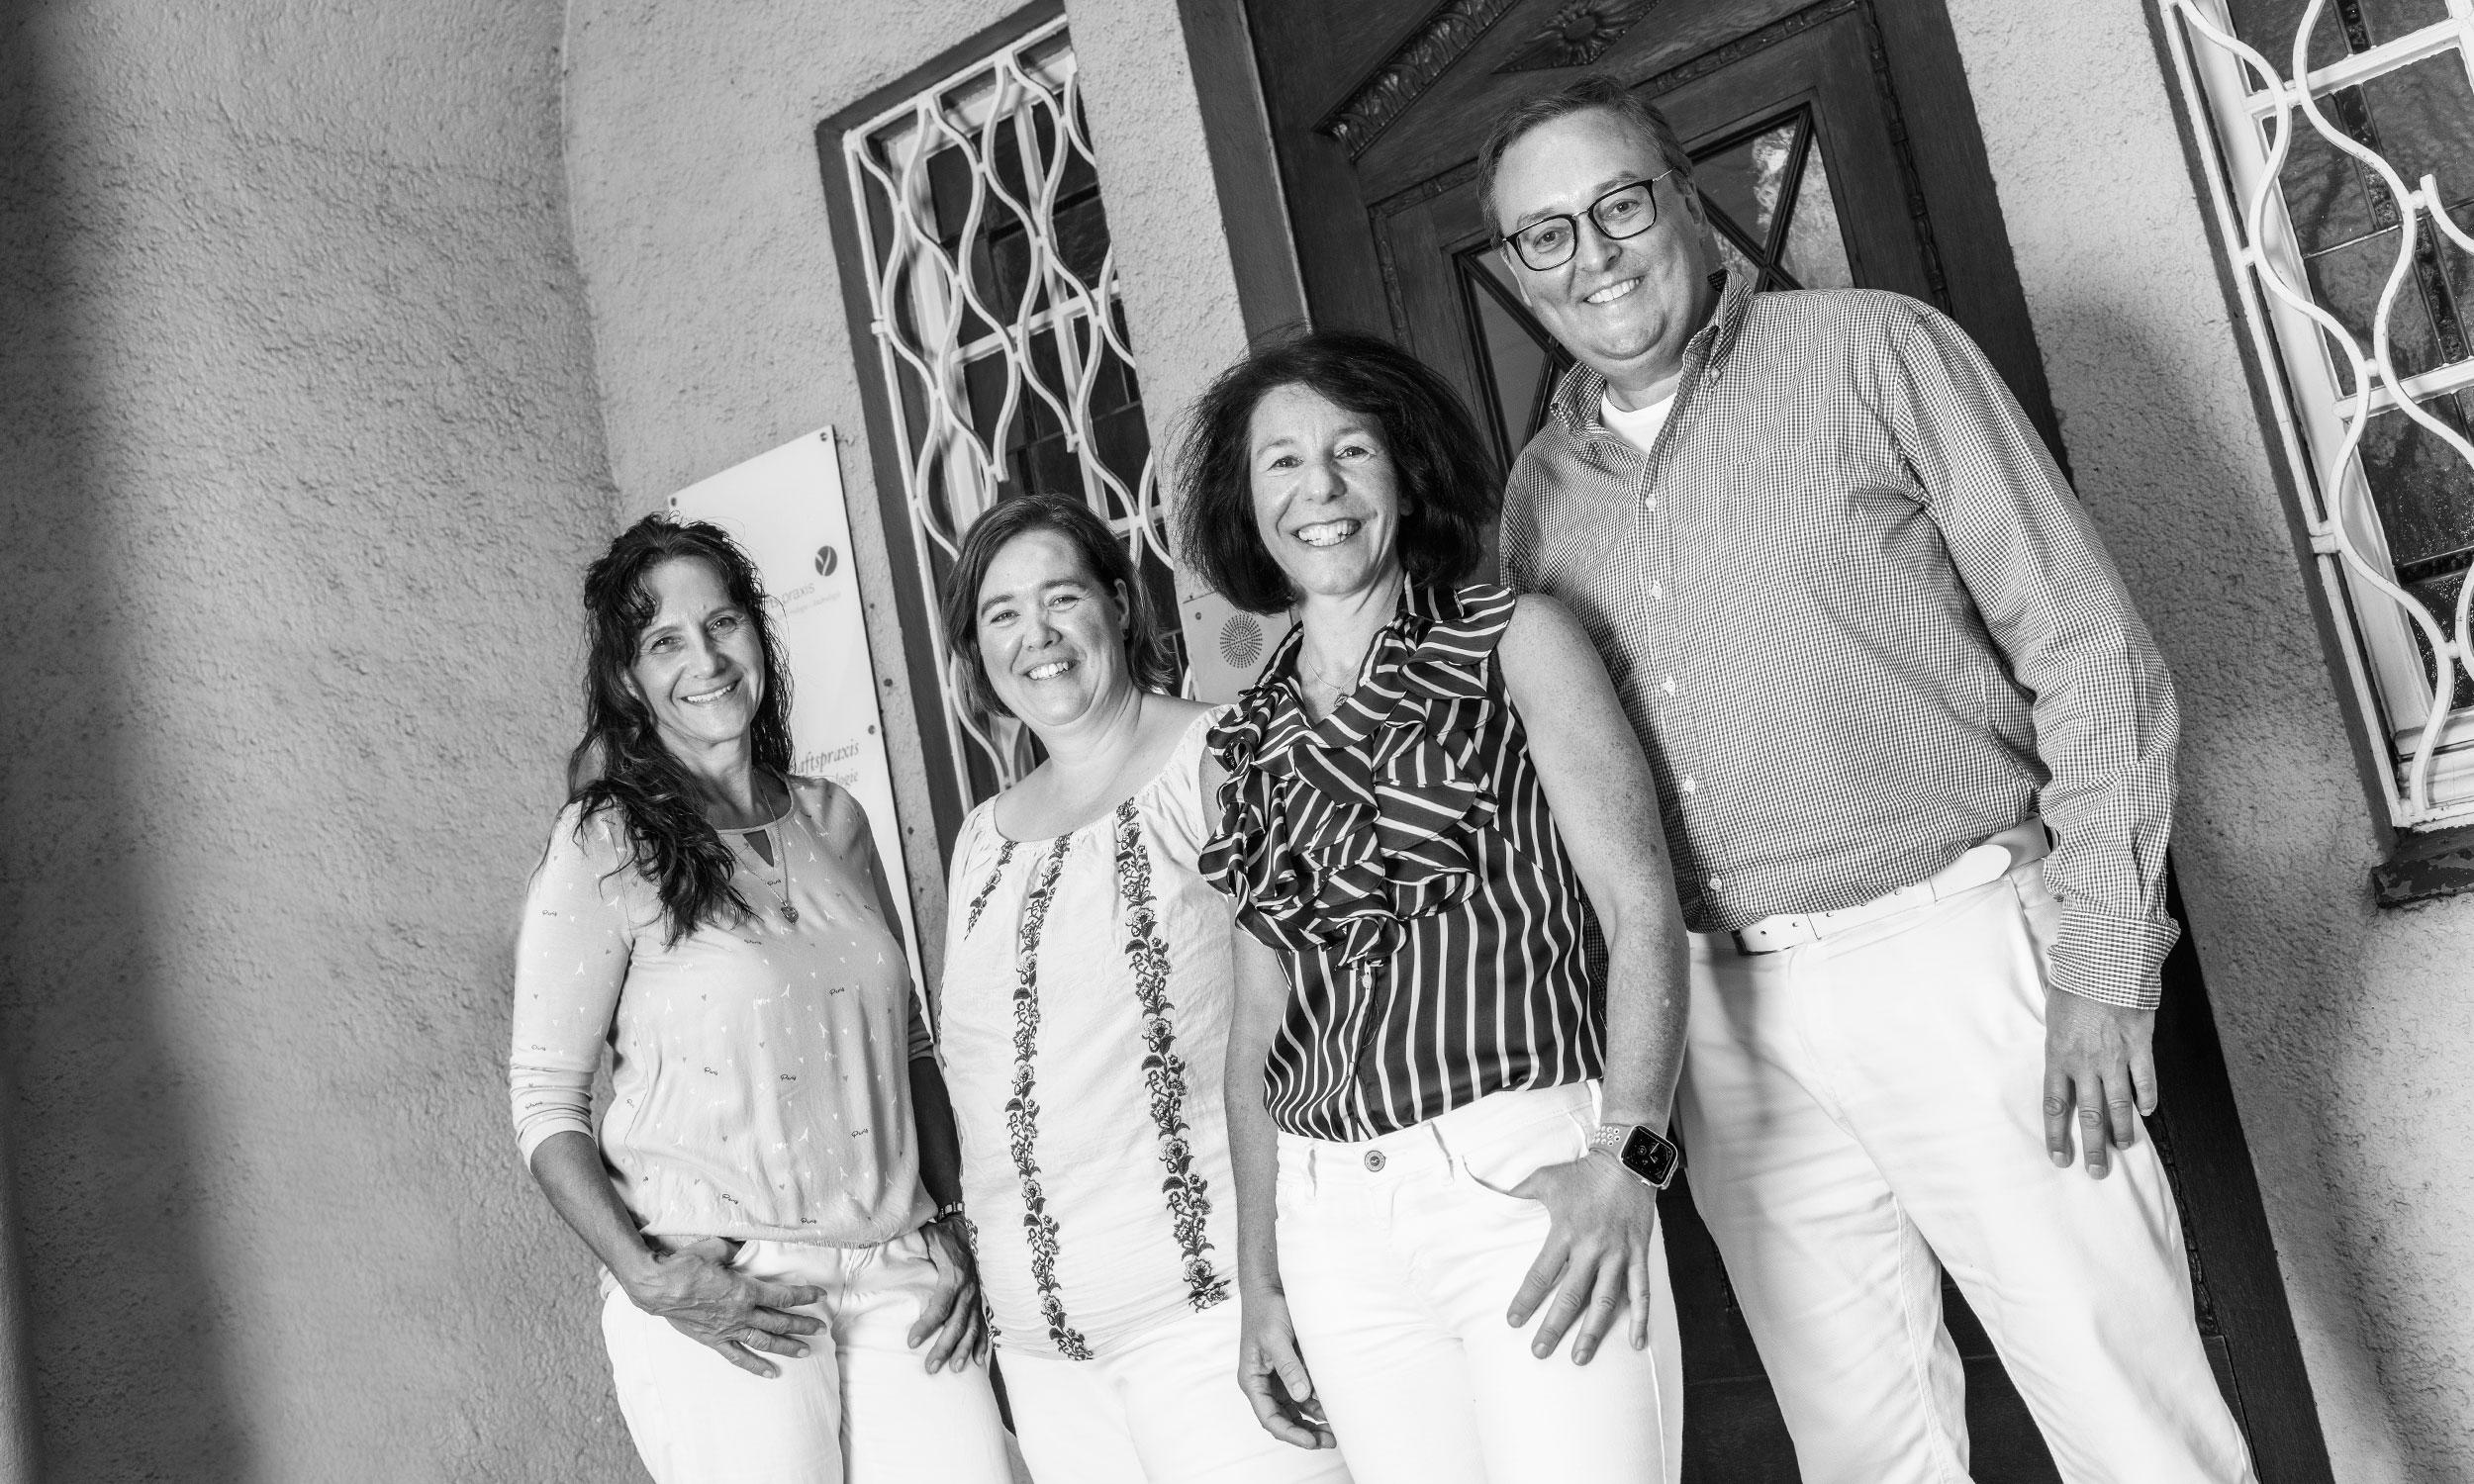 Urologie Solingen – Praxisteam der privaten Gemeinschaftspraxis für Urologie und Andrologie